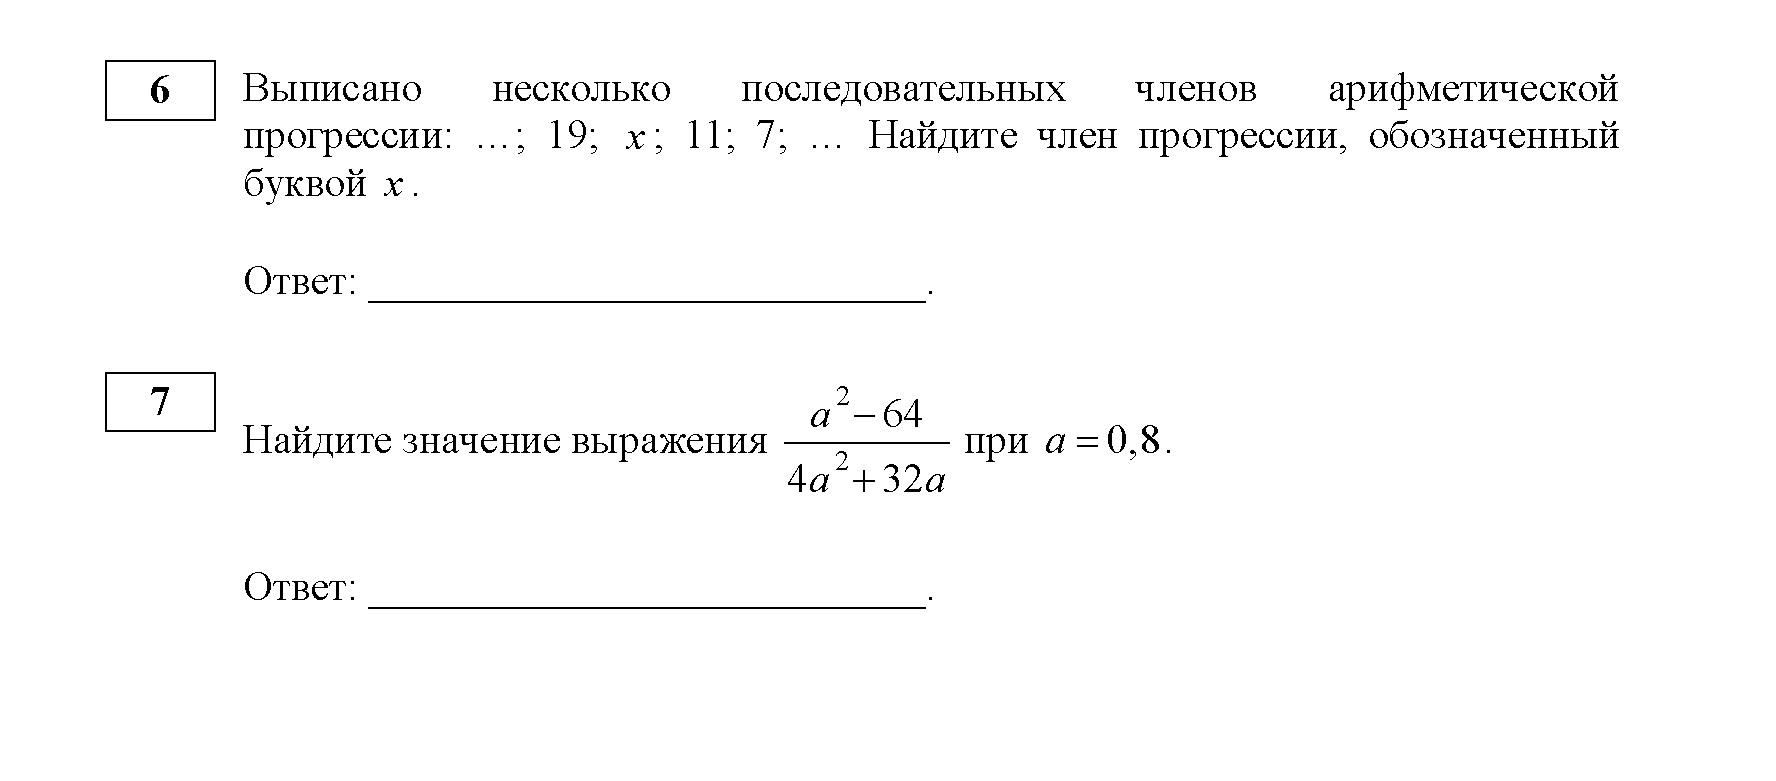 vipisano-neskolko-posledovatelnih-chlenov